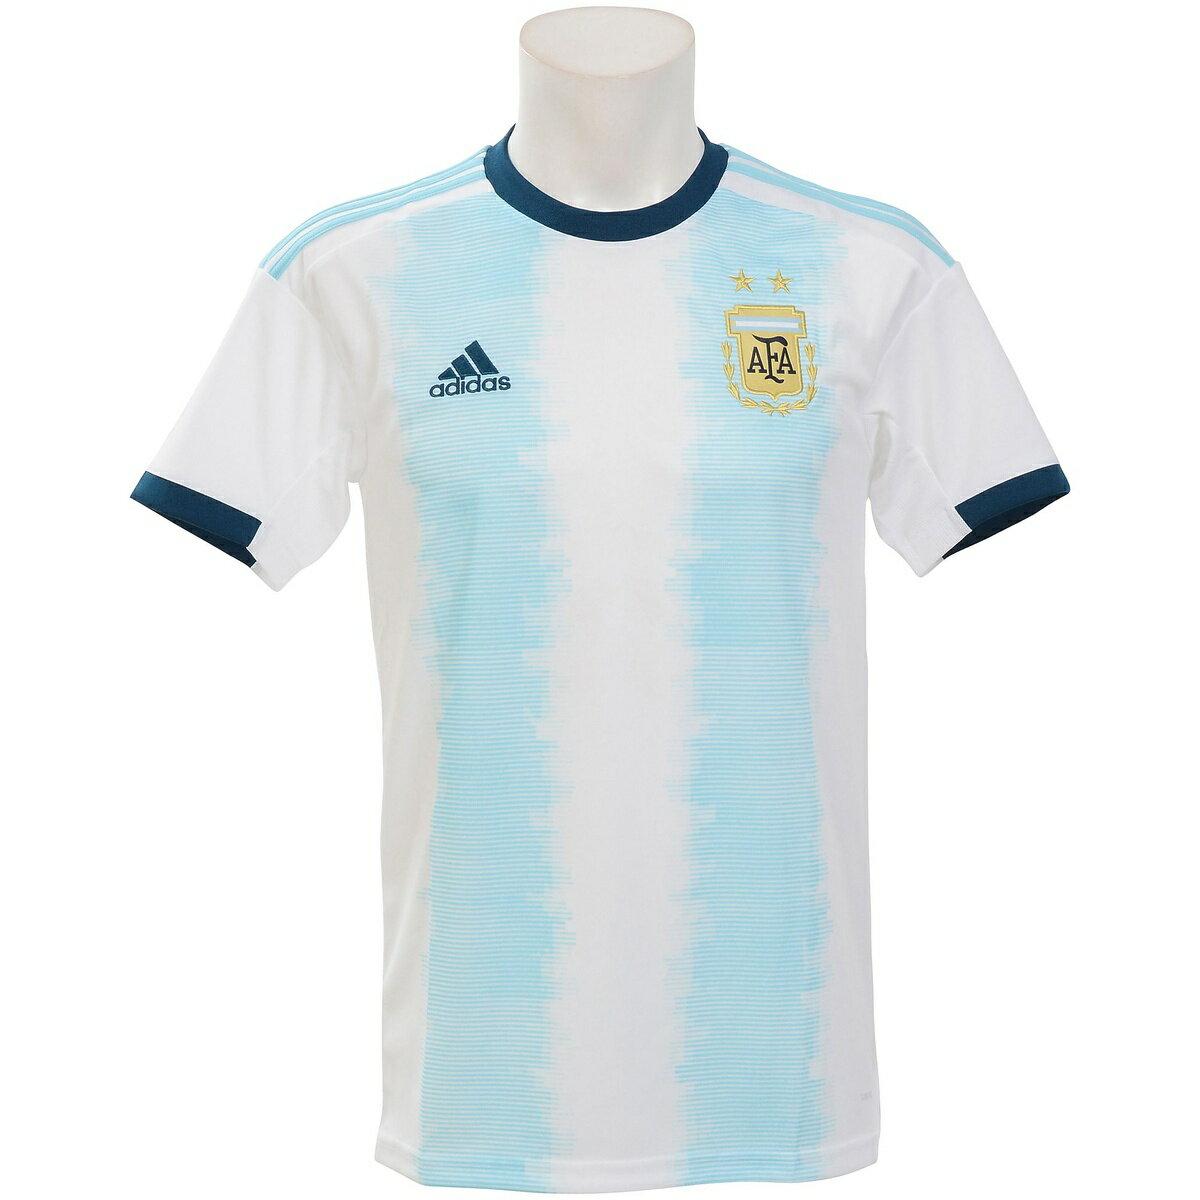 送料無料adidas(アディダス)サッカー海外クラブナショナルチームアルゼンチン代表ホームユニフォー